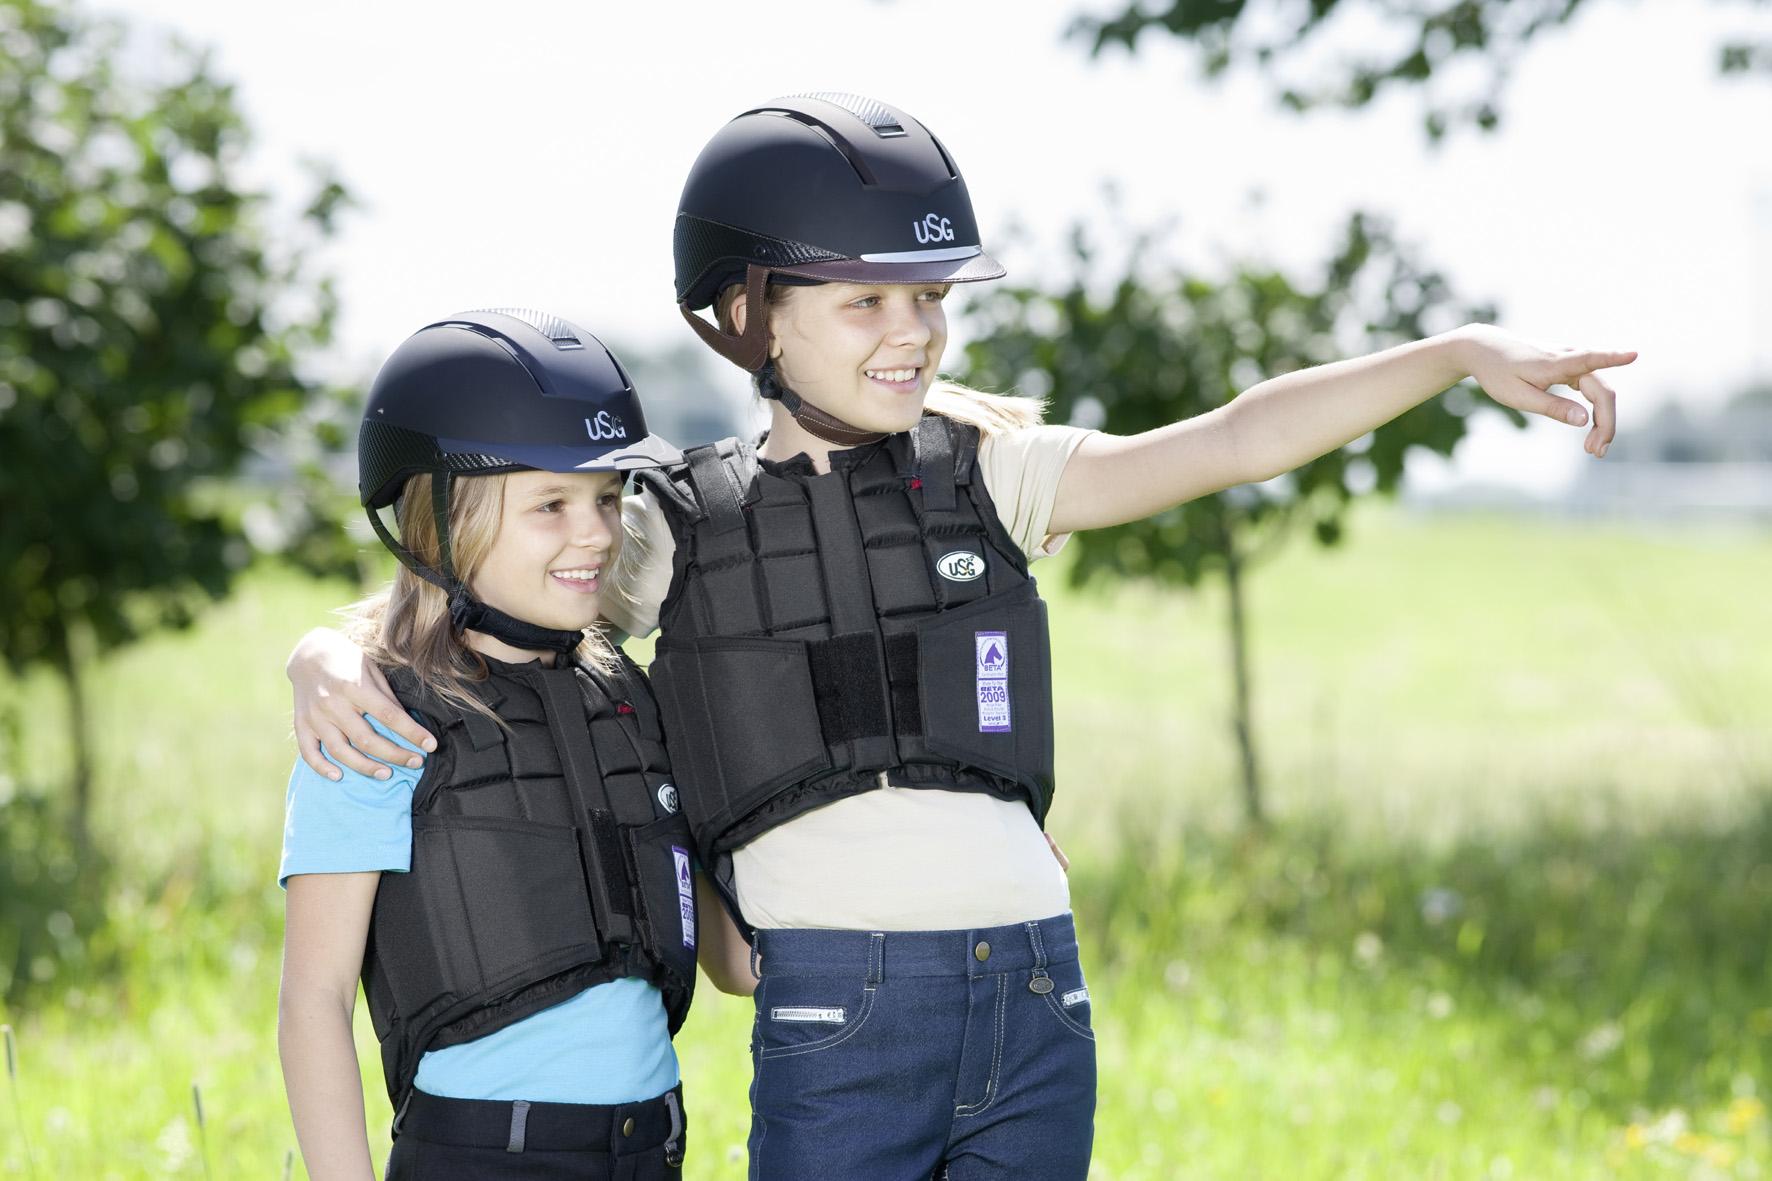 sicherheitsweste reiten kind